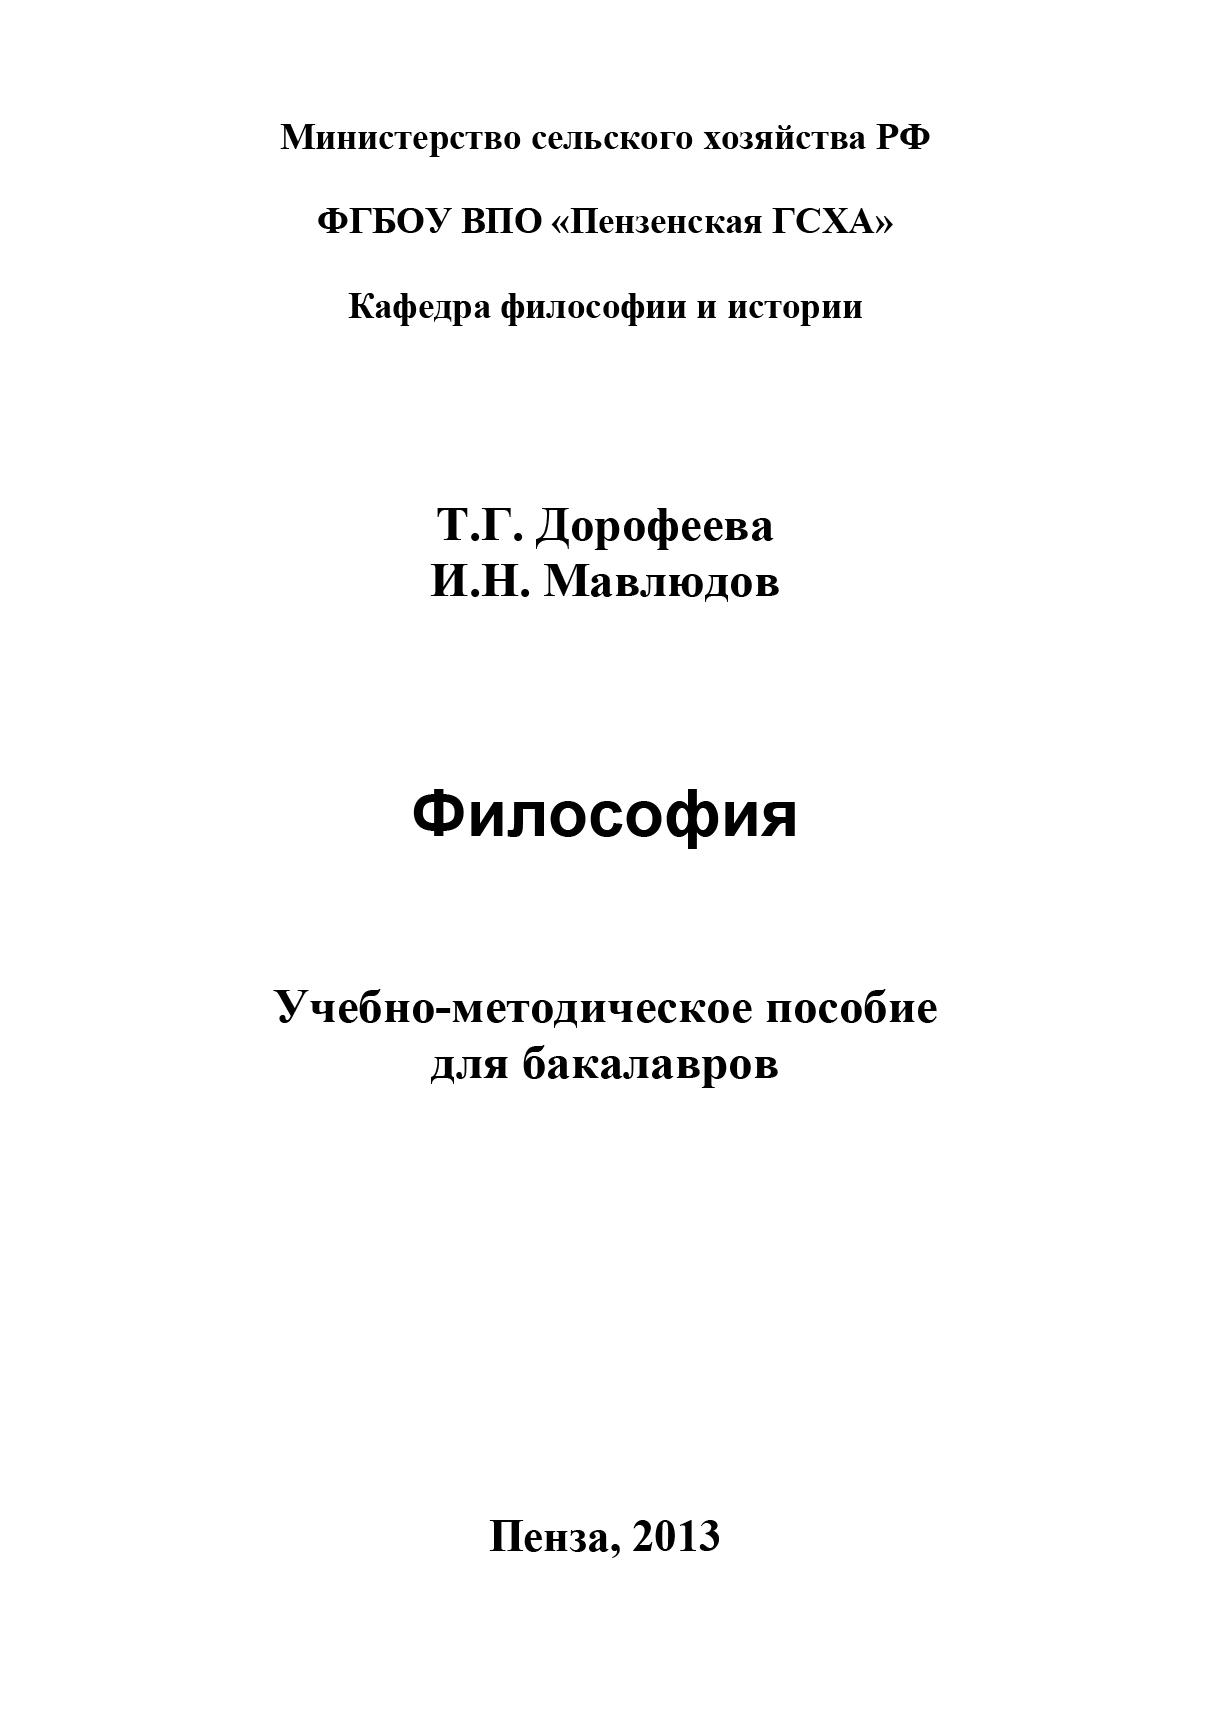 Т. Г. Дорофеева Философия. Учебно-методическое пособие для бакалавров ермаков г и пленэр учебно методическое пособие